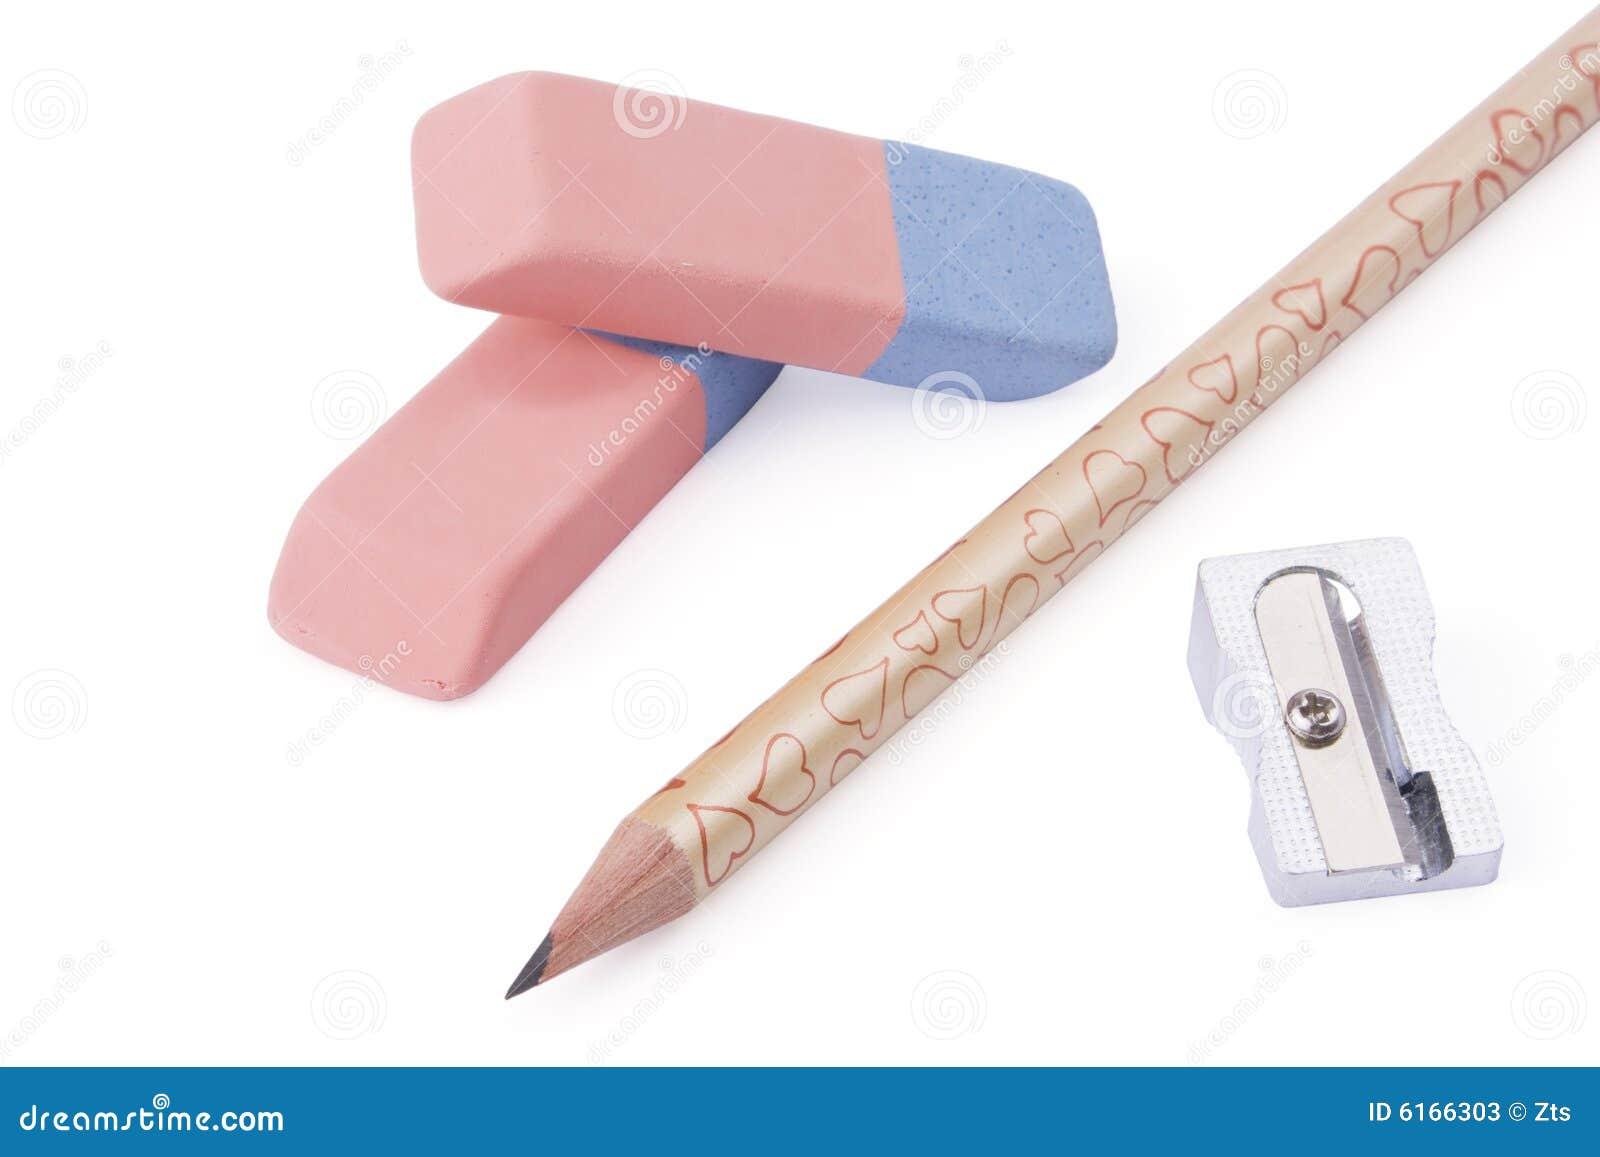 pencil sharpener and eraser stock image image 6166303. Black Bedroom Furniture Sets. Home Design Ideas